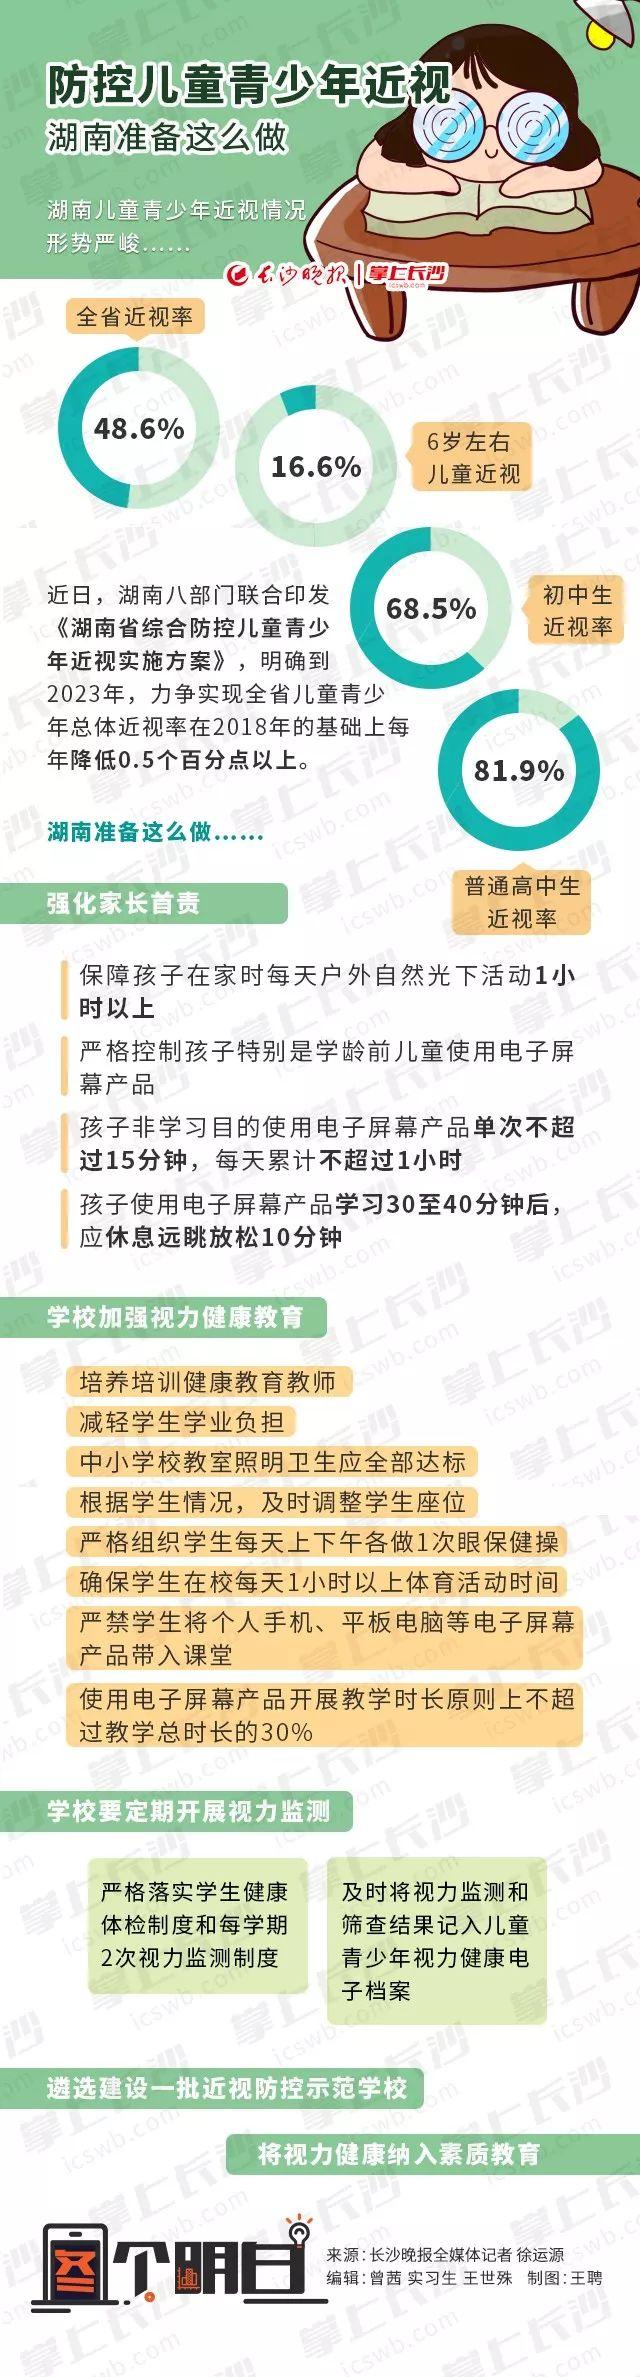 全力防控近视,湖南严禁学生将手机等电子屏幕产品带入课堂